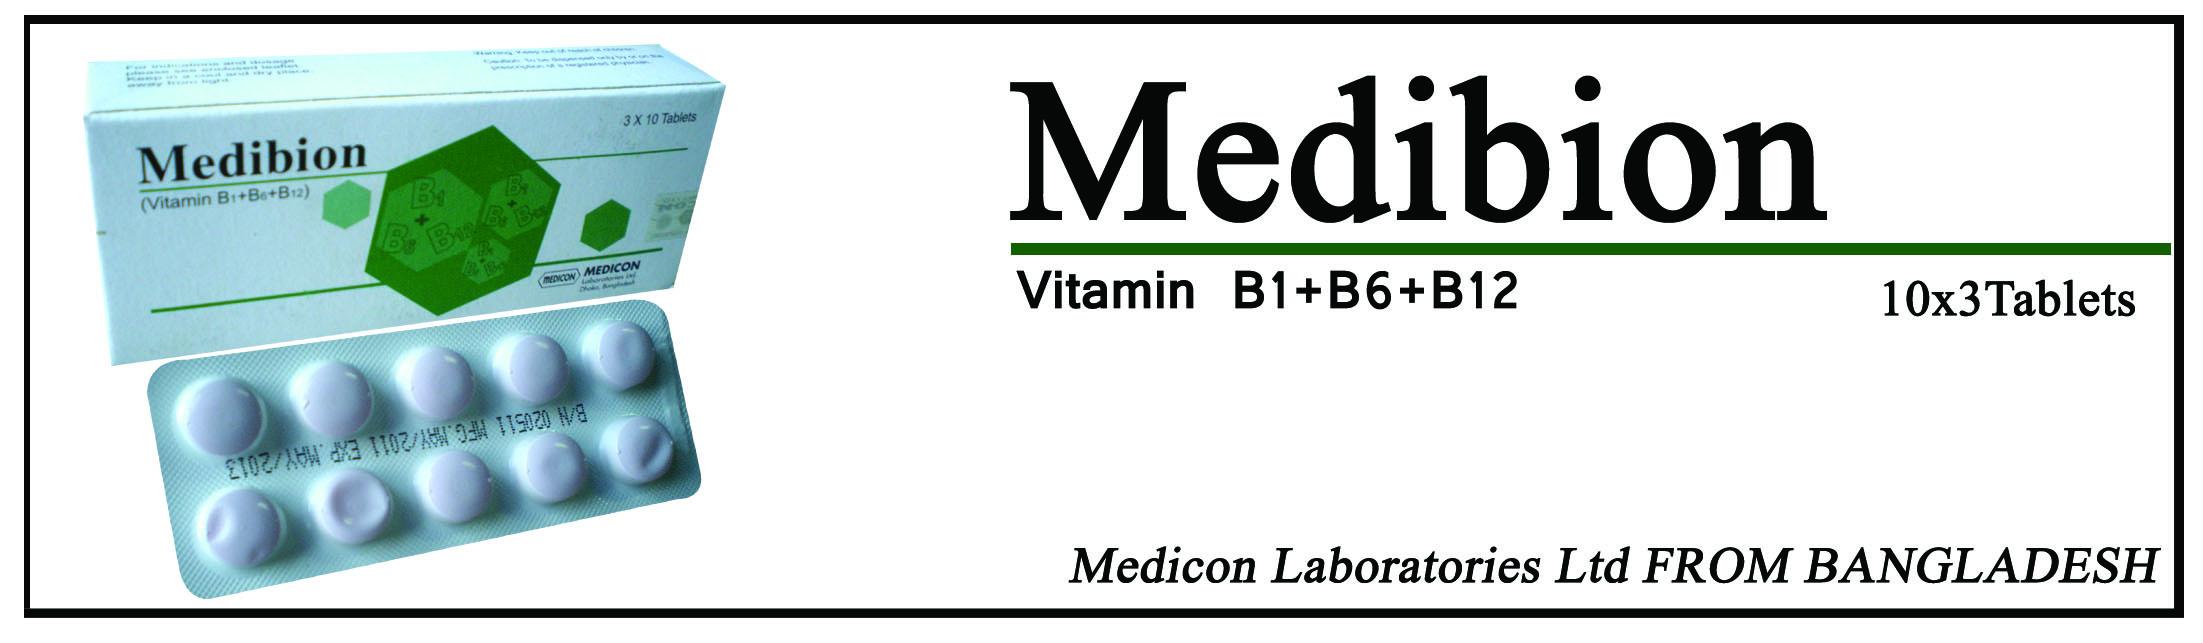 Medibion